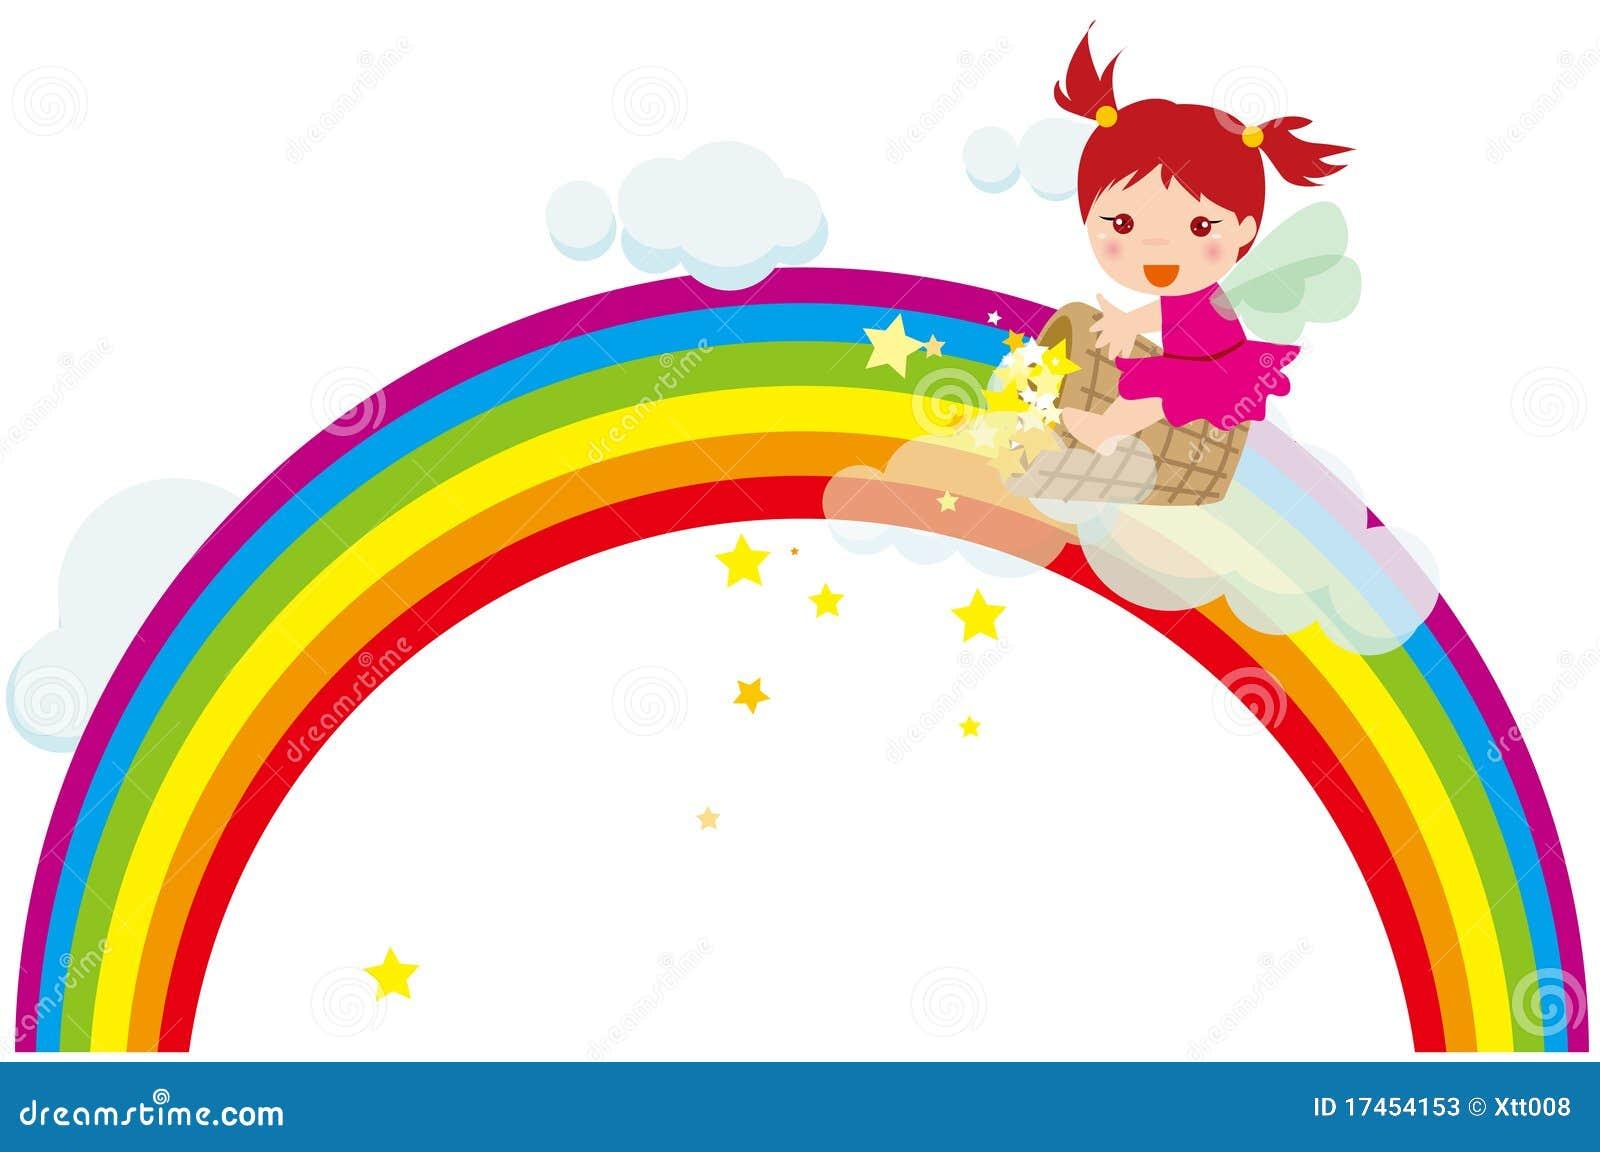 Rainbow Fairy Pixshark Galleries